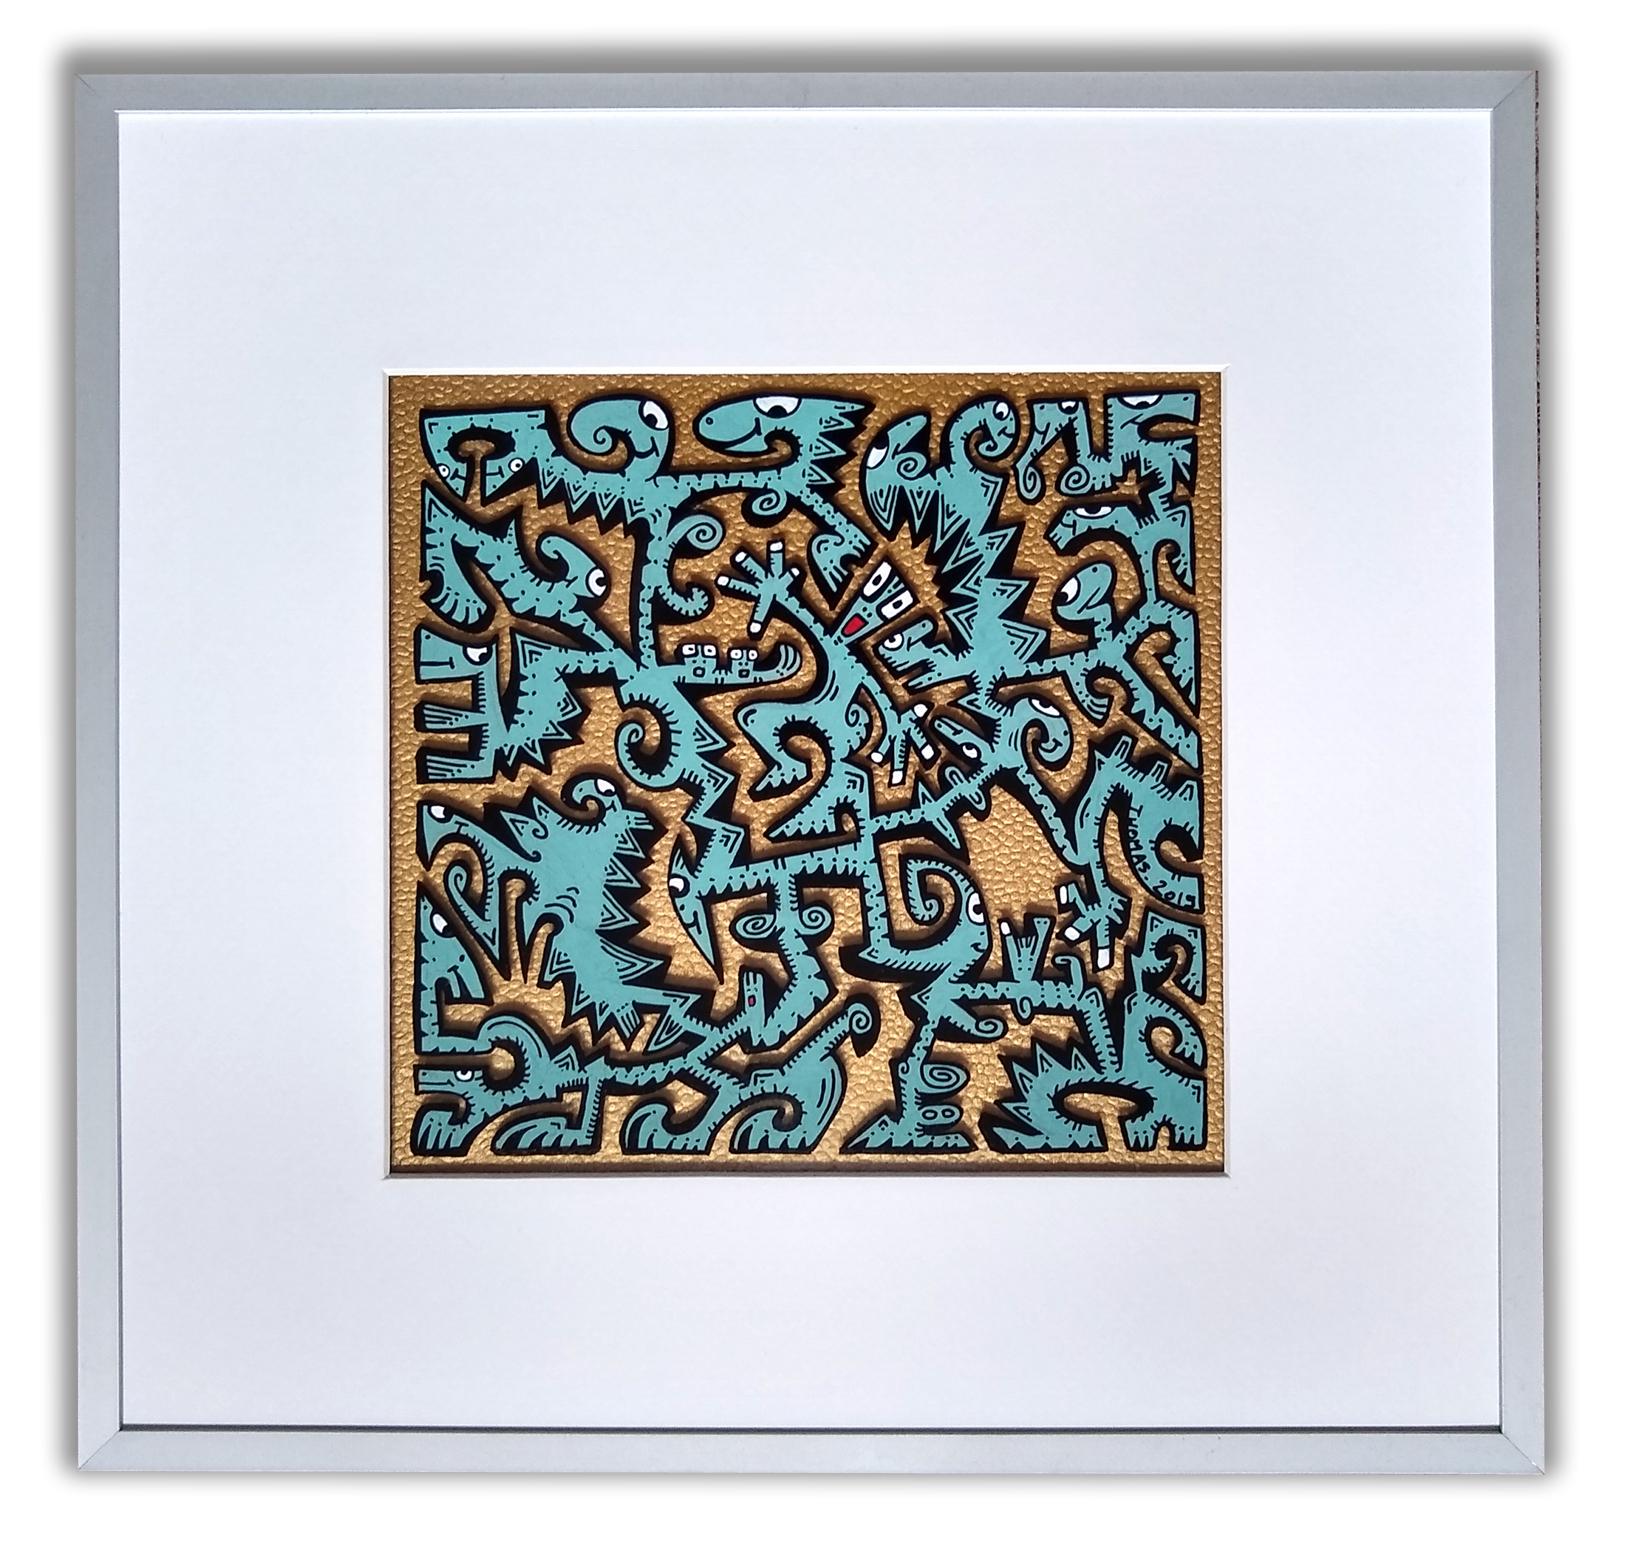 Titre: PT8 /feutres acrylique sur  sur verre synthétique/ cadre aluminium gris/fond papier effet cuir gold/ format dessin : 19/19 cm/format du cadre: 33/33cm  / prix: 70 euros